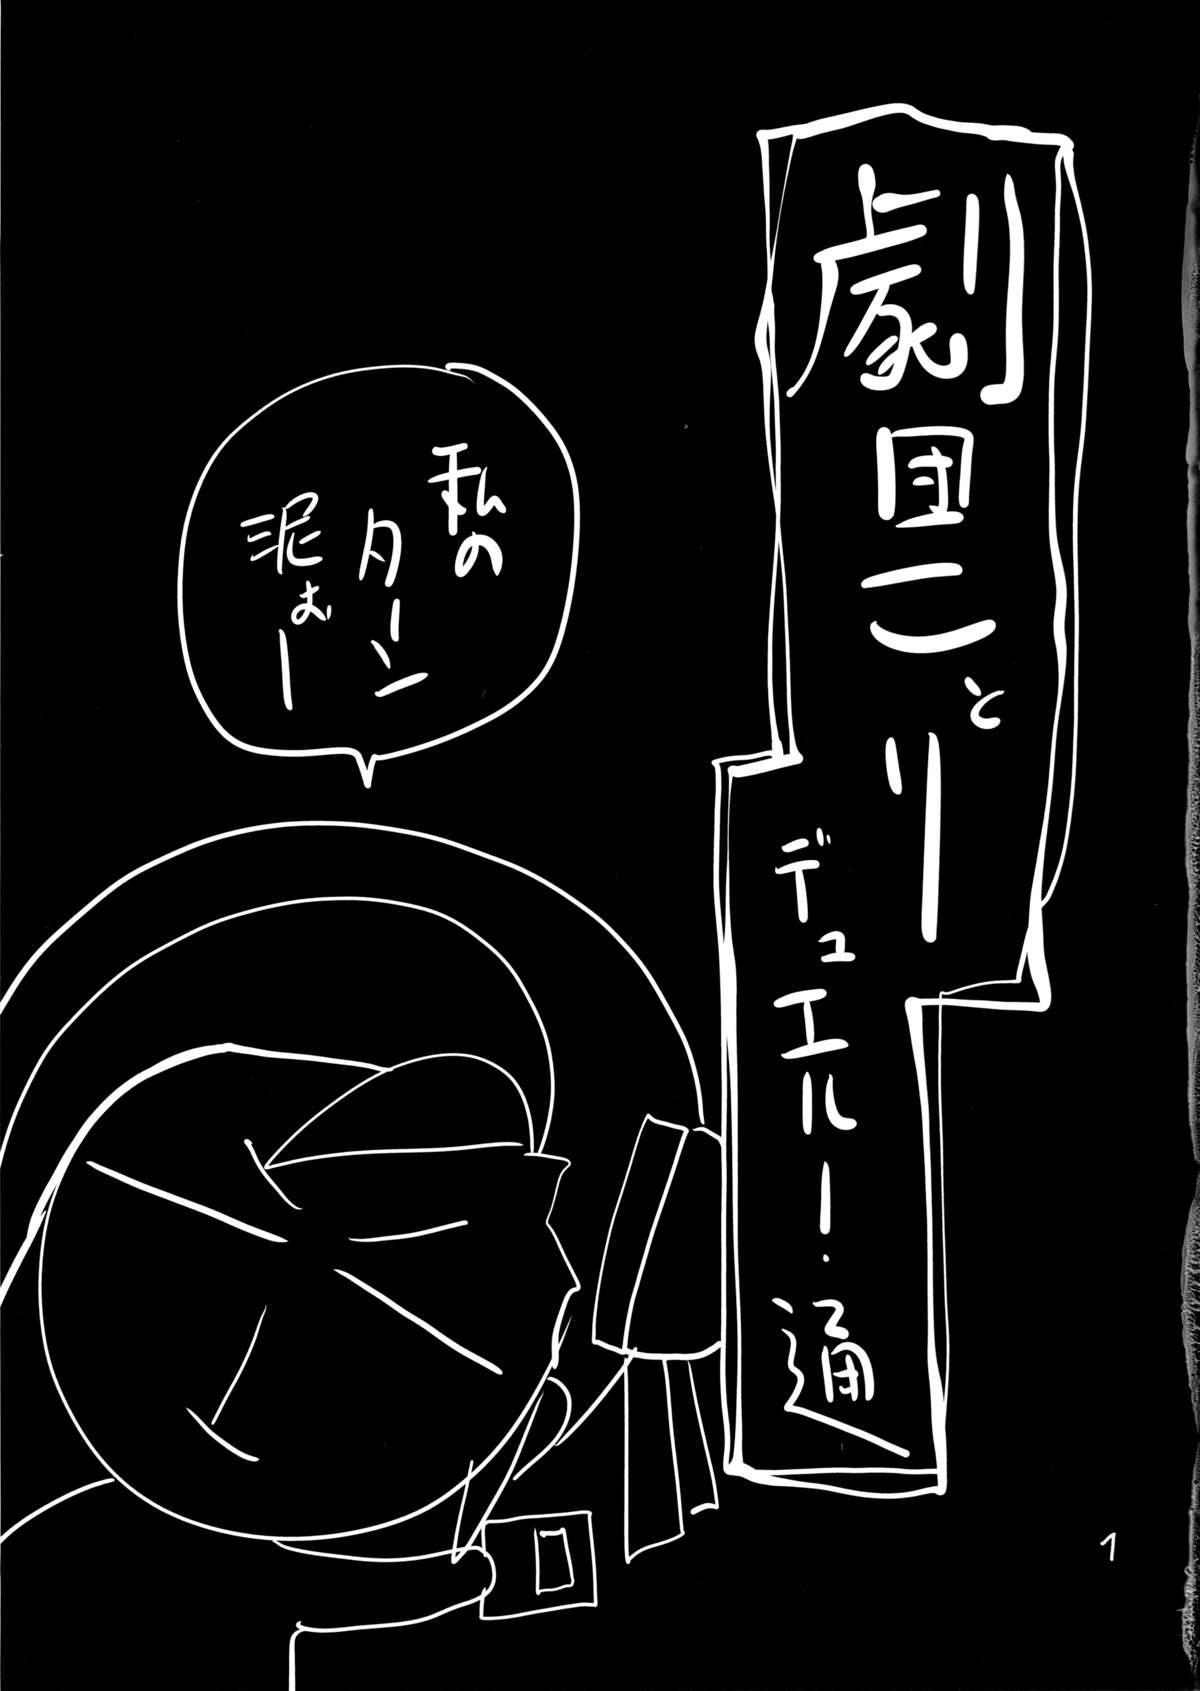 Gekidan Kotori Dyueru Doori 1